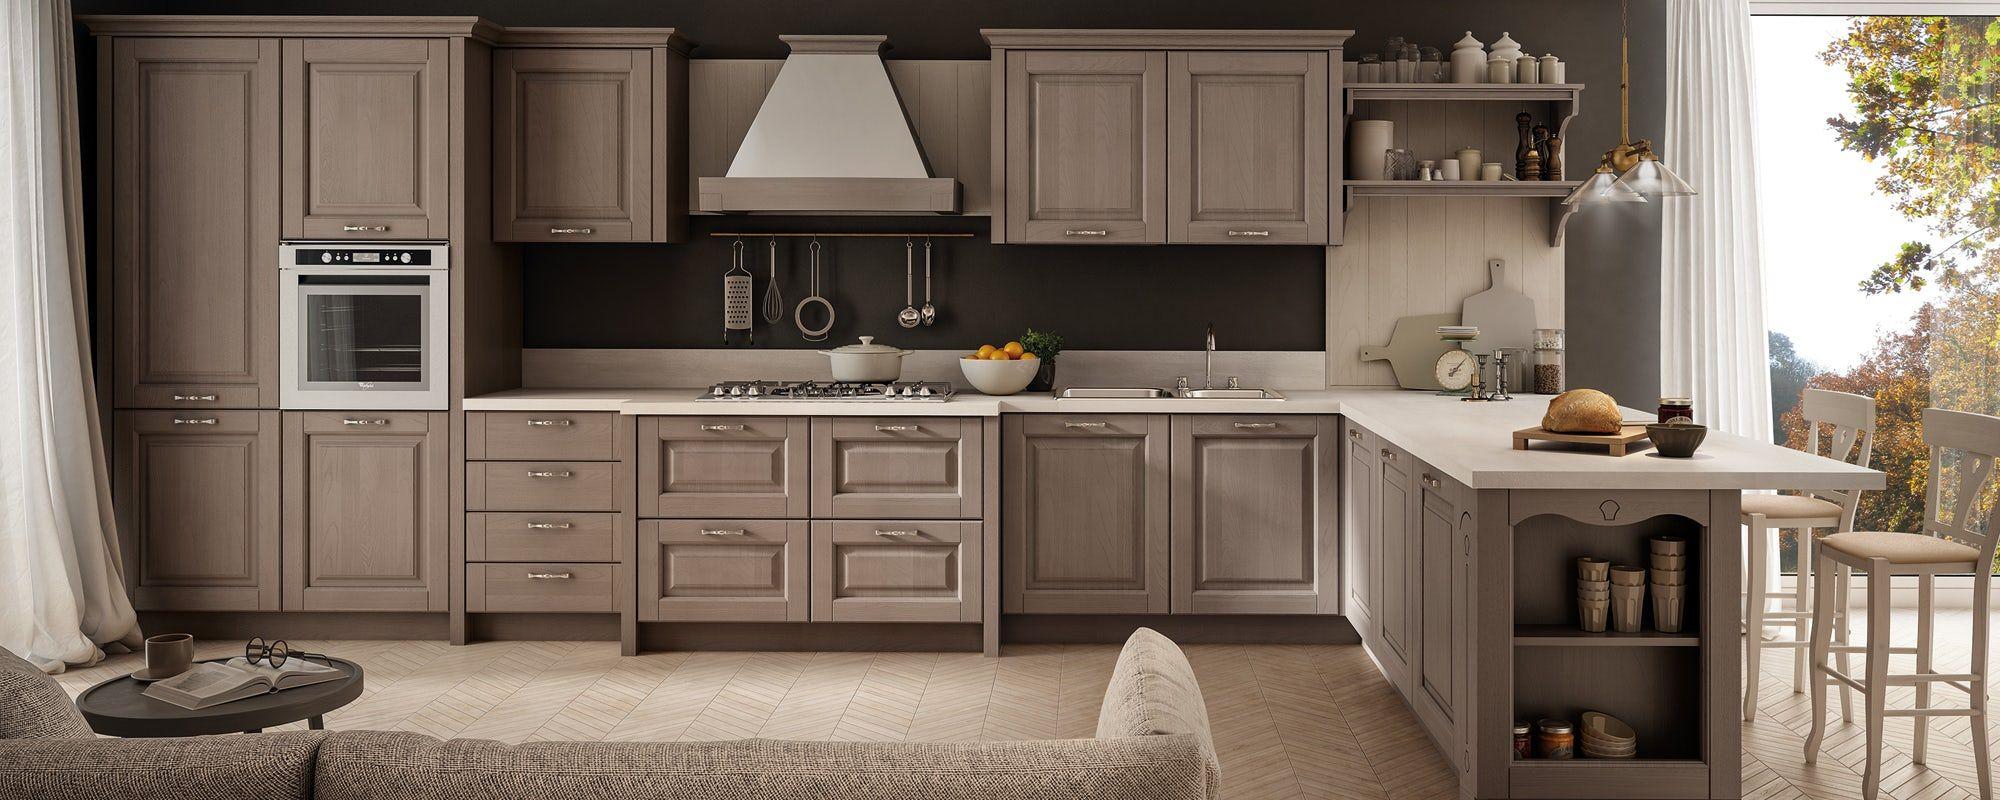 cucine classiche stosa - modello cucina bolgheri 05 | casa & co ...